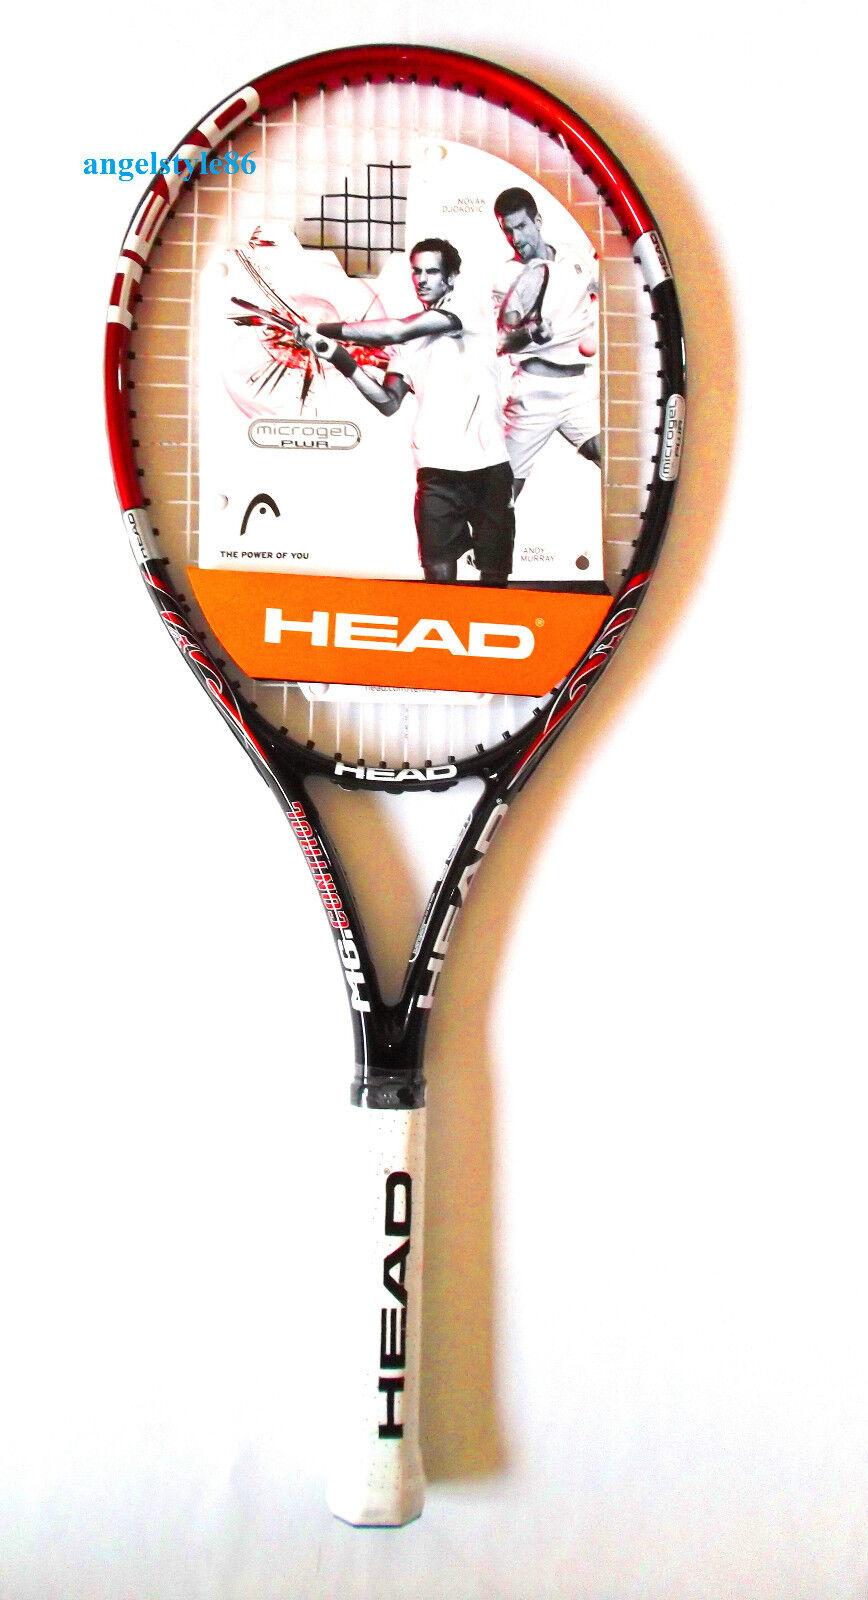 Racchetta Racchetta Racchetta tennis HEAD MICROGEL MG. CONTROL Manico L3 NUOVA  -20 % sconto c4ab4e